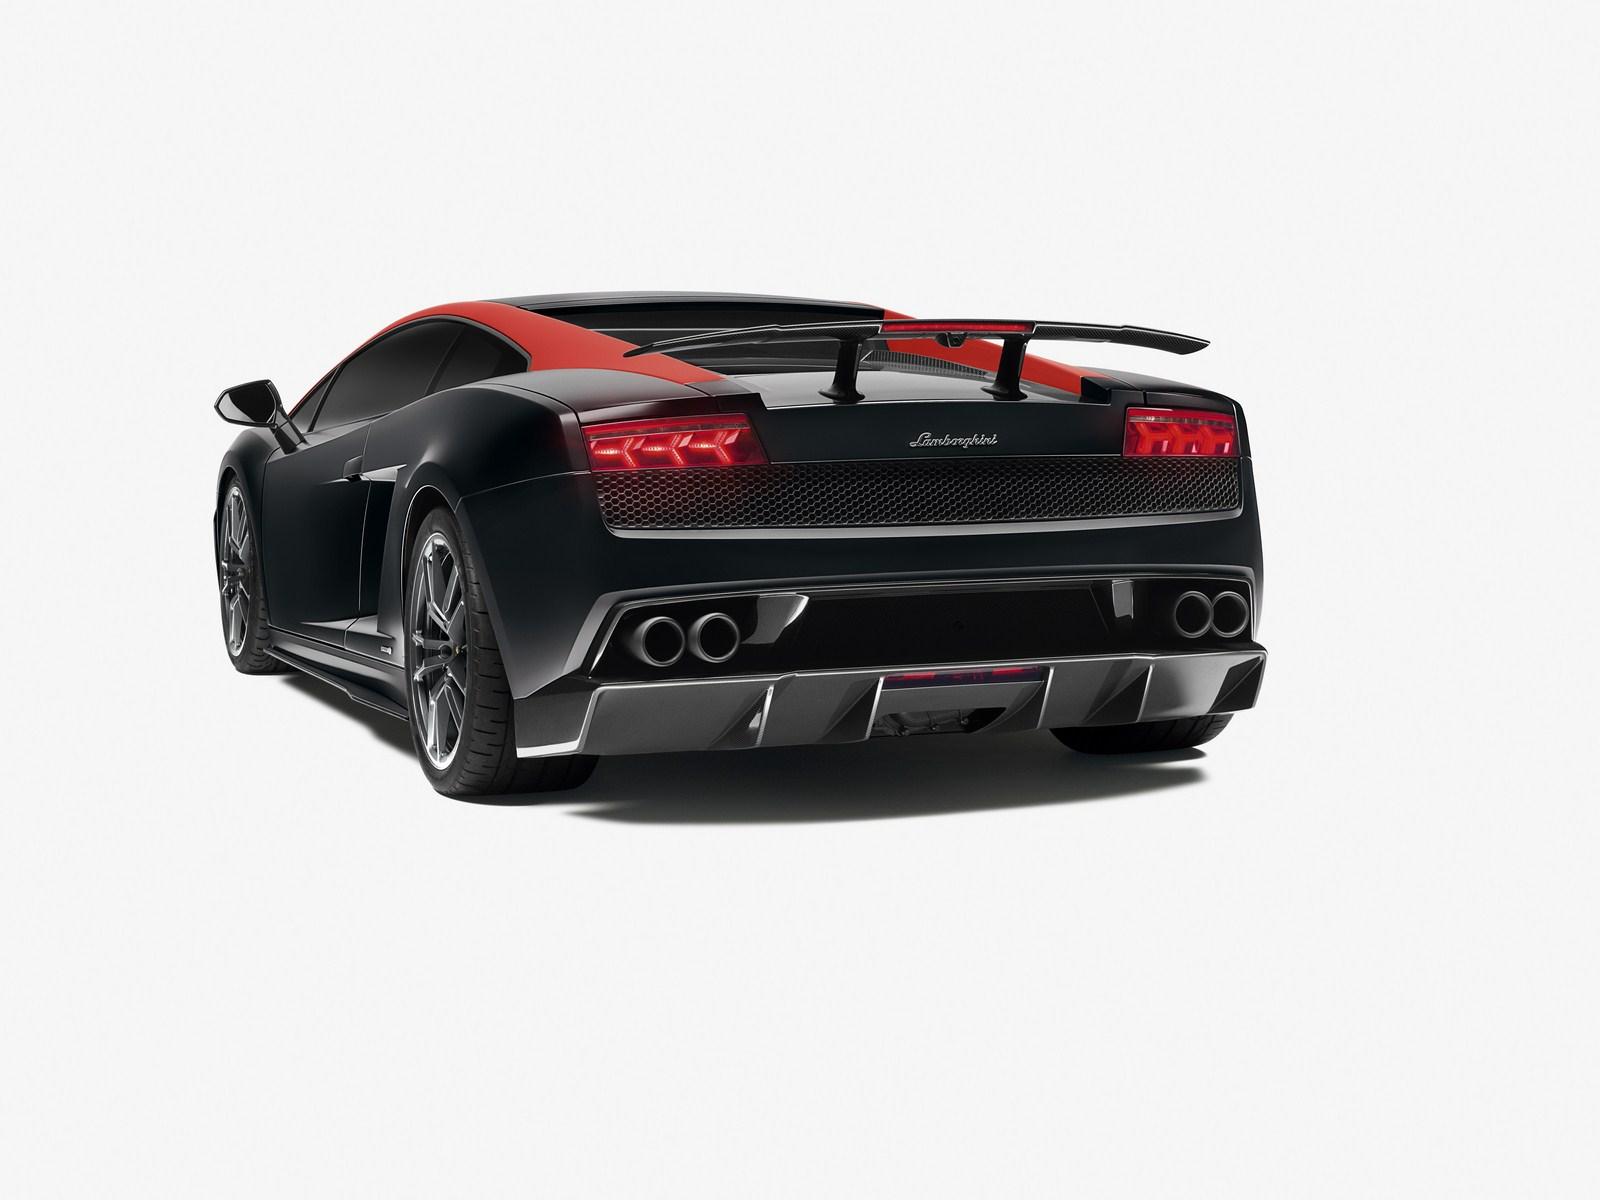 Lamborghini+Gallardo+LP+570-4+Edizione+Tecnica+2.jpg